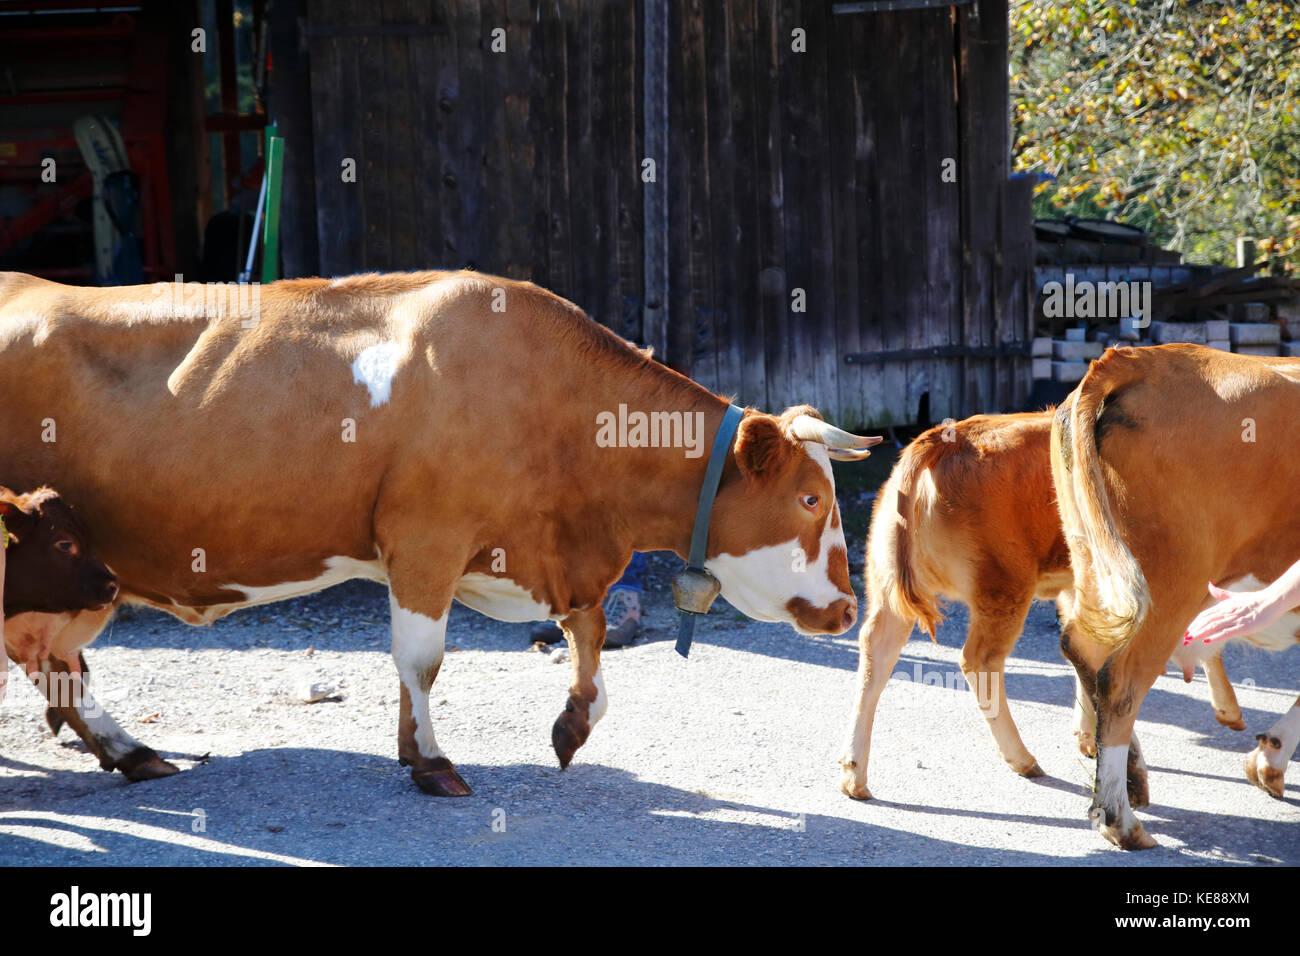 Kuh, Kühe beim Almabtrieb, Abtrieb von der Weide Stockbild